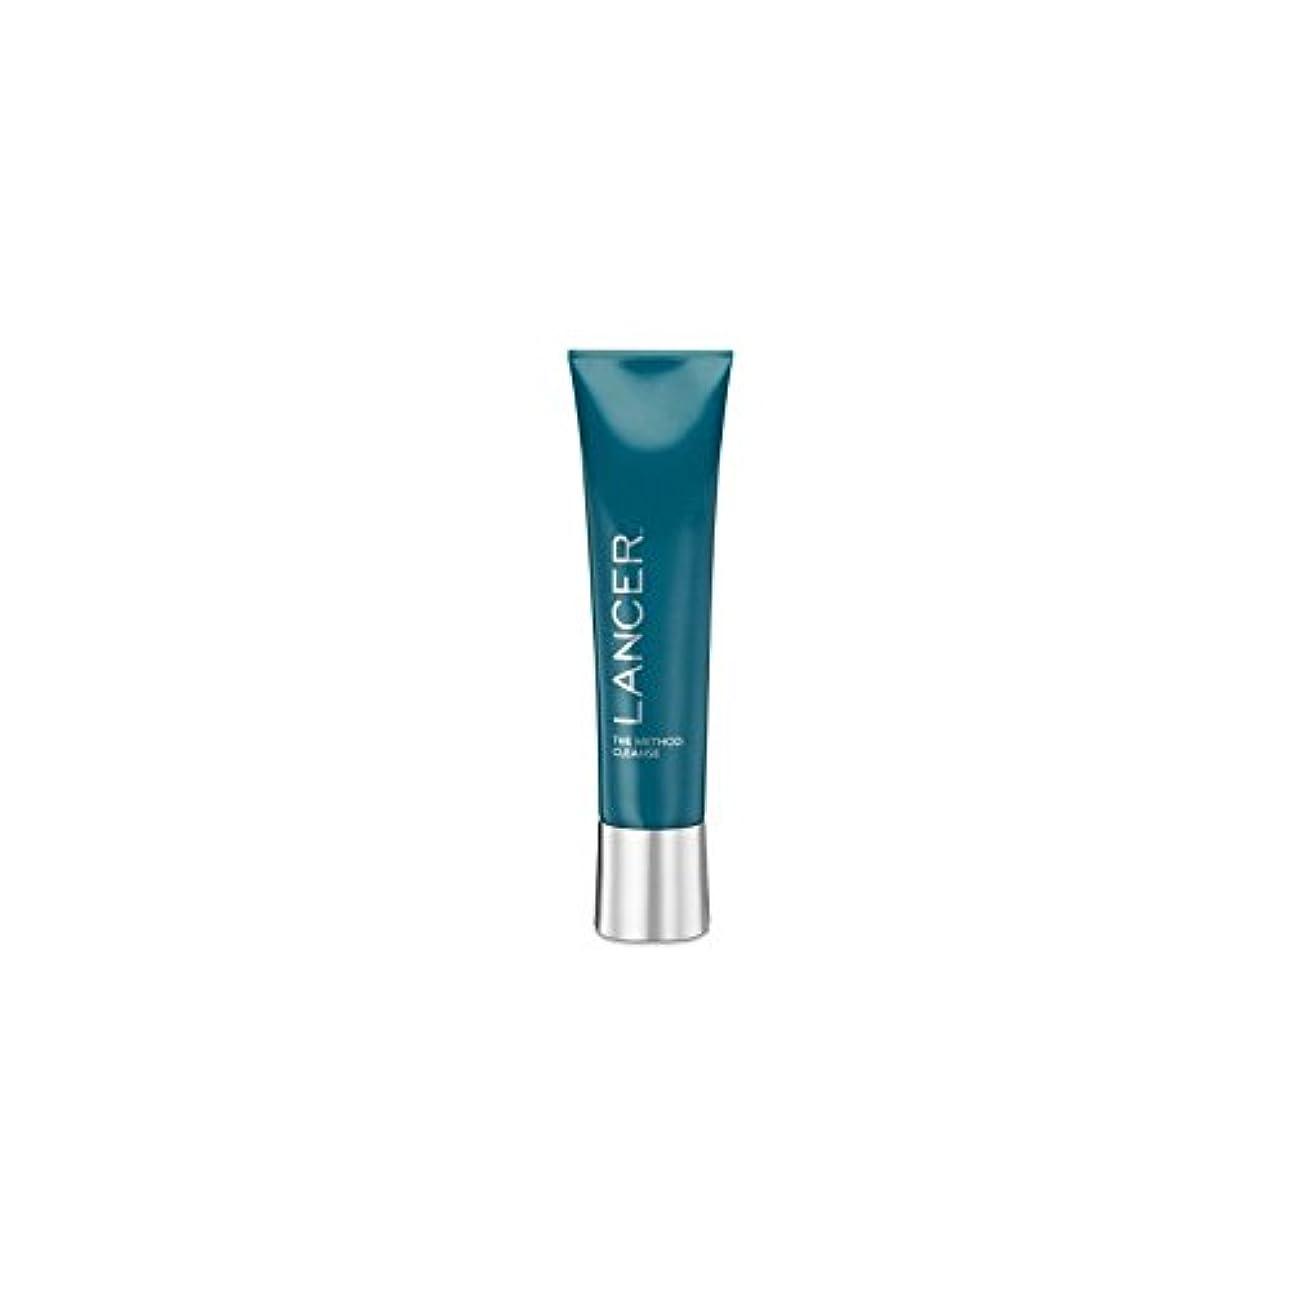 雄弁お嬢意味するLancer Skincare The Method: Cleanser (120ml) - クレンザー(120ミリリットル):ランサーは、メソッドをスキンケア [並行輸入品]